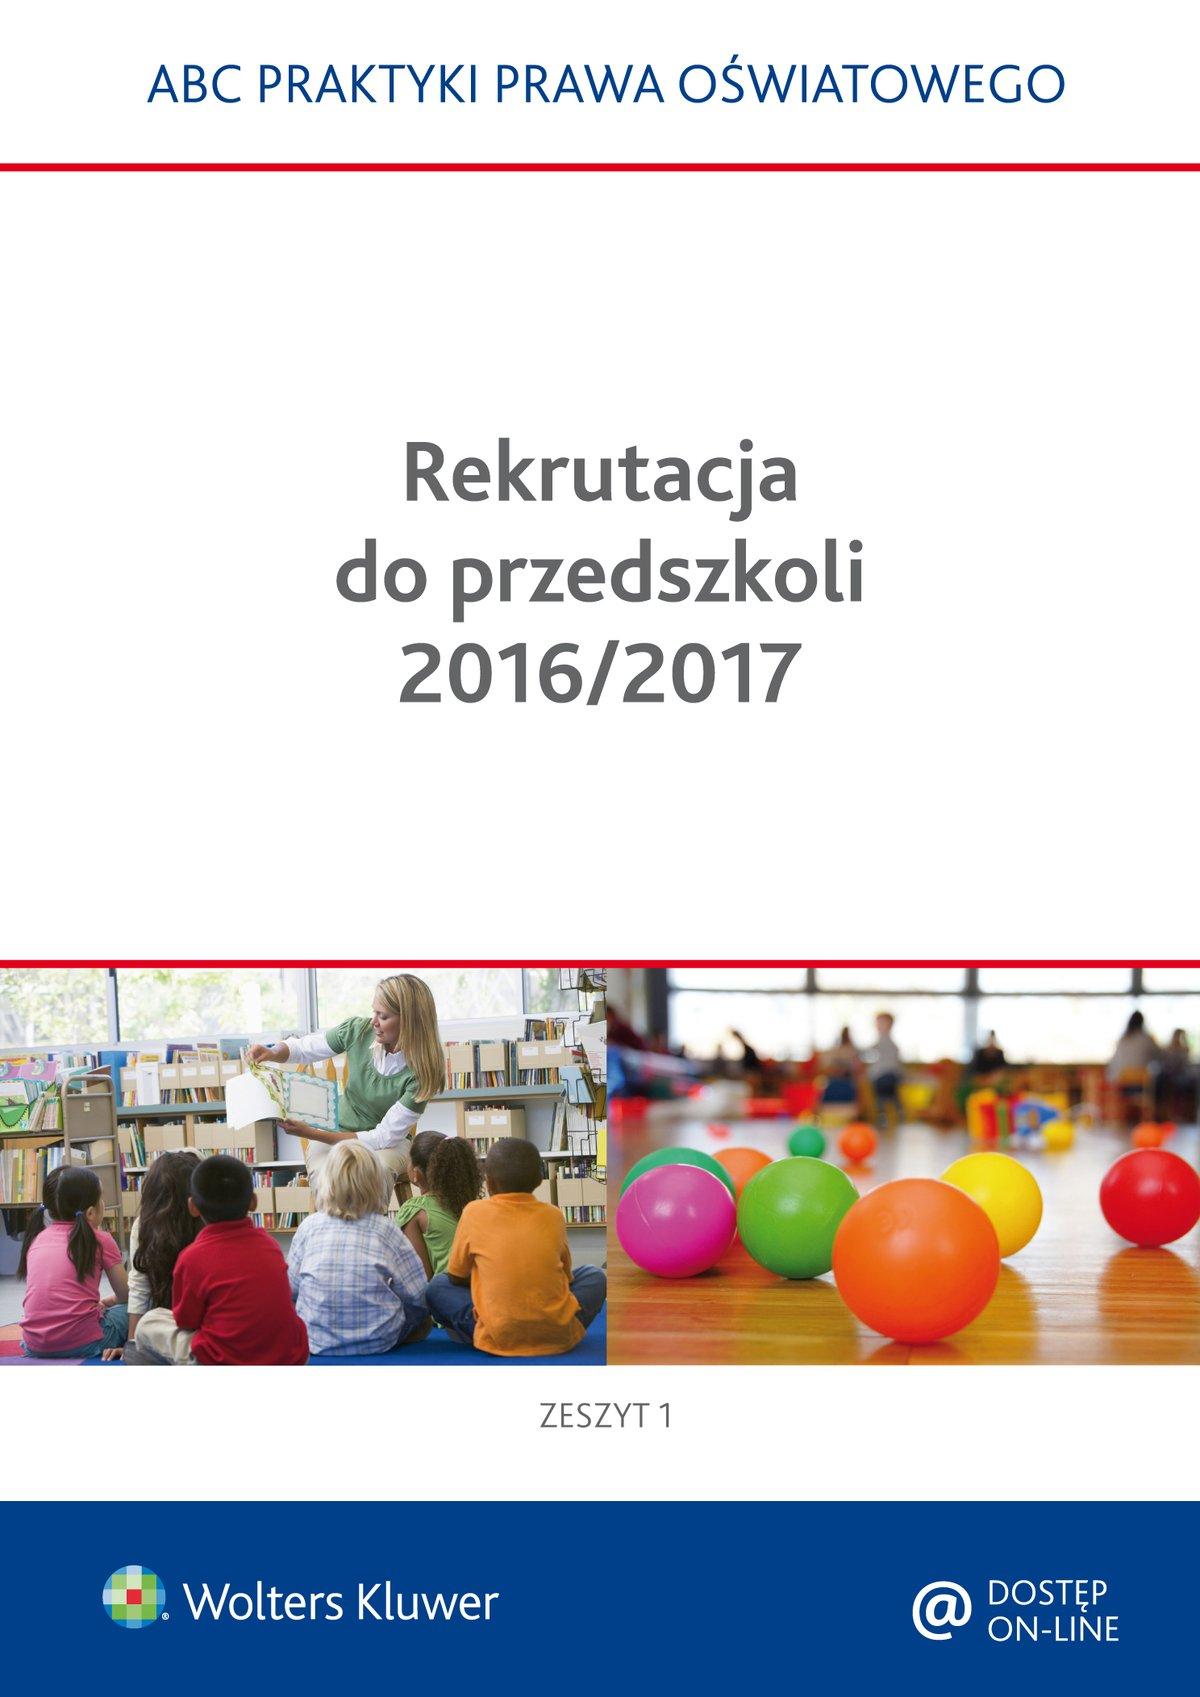 Rekrutacja do przedszkoli 2016/2017 - Ebook (Książka EPUB) do pobrania w formacie EPUB